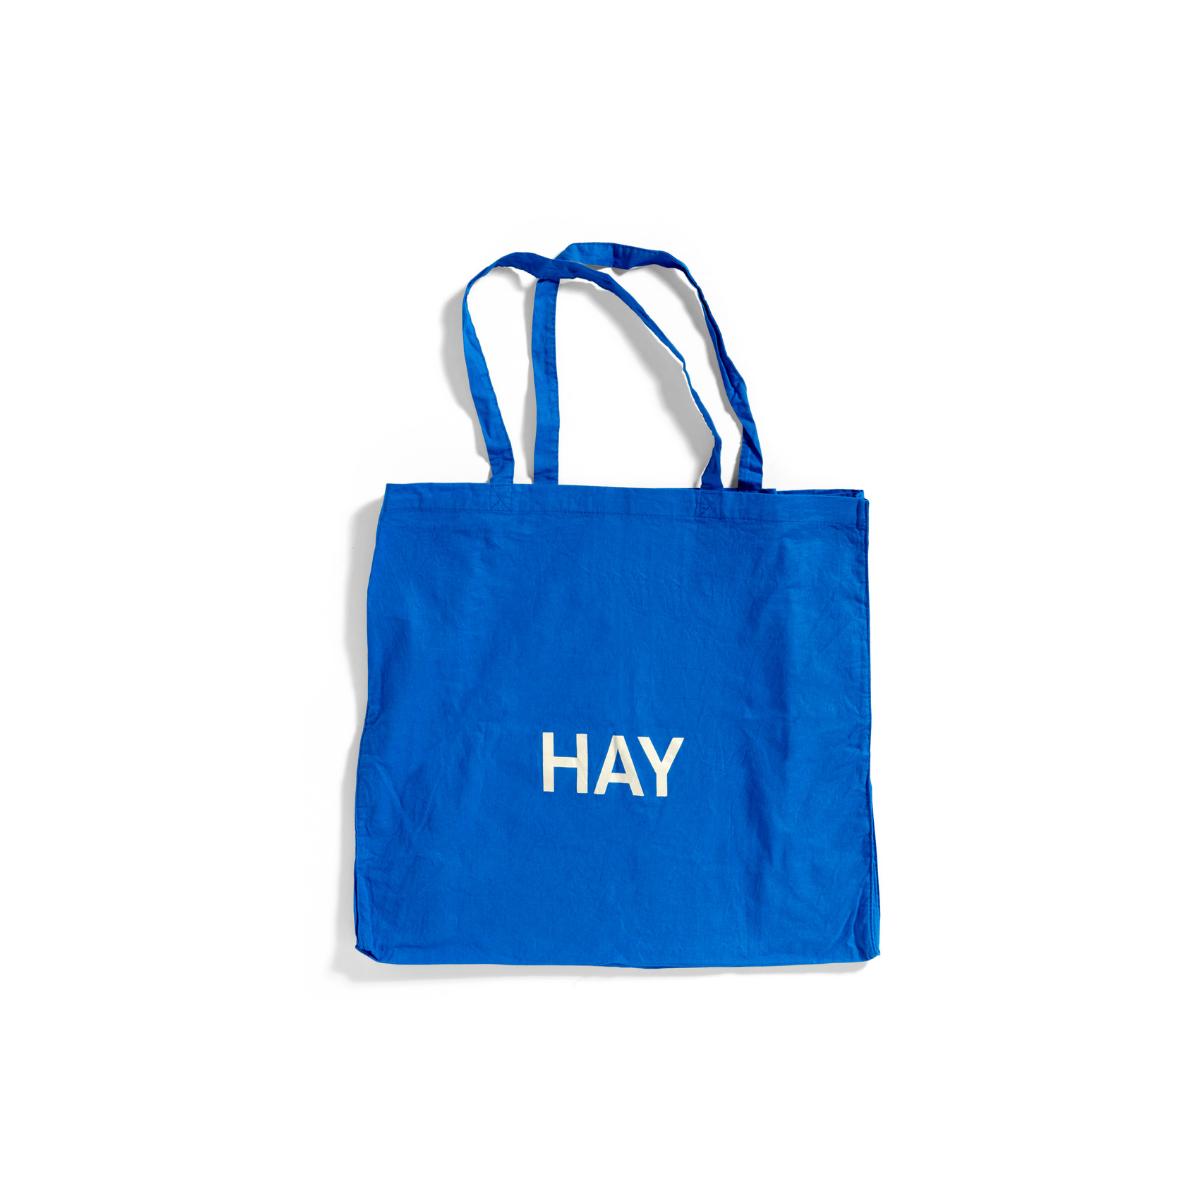 Bawełniana Torba Niebieska Tote Bag L białe logo HAY